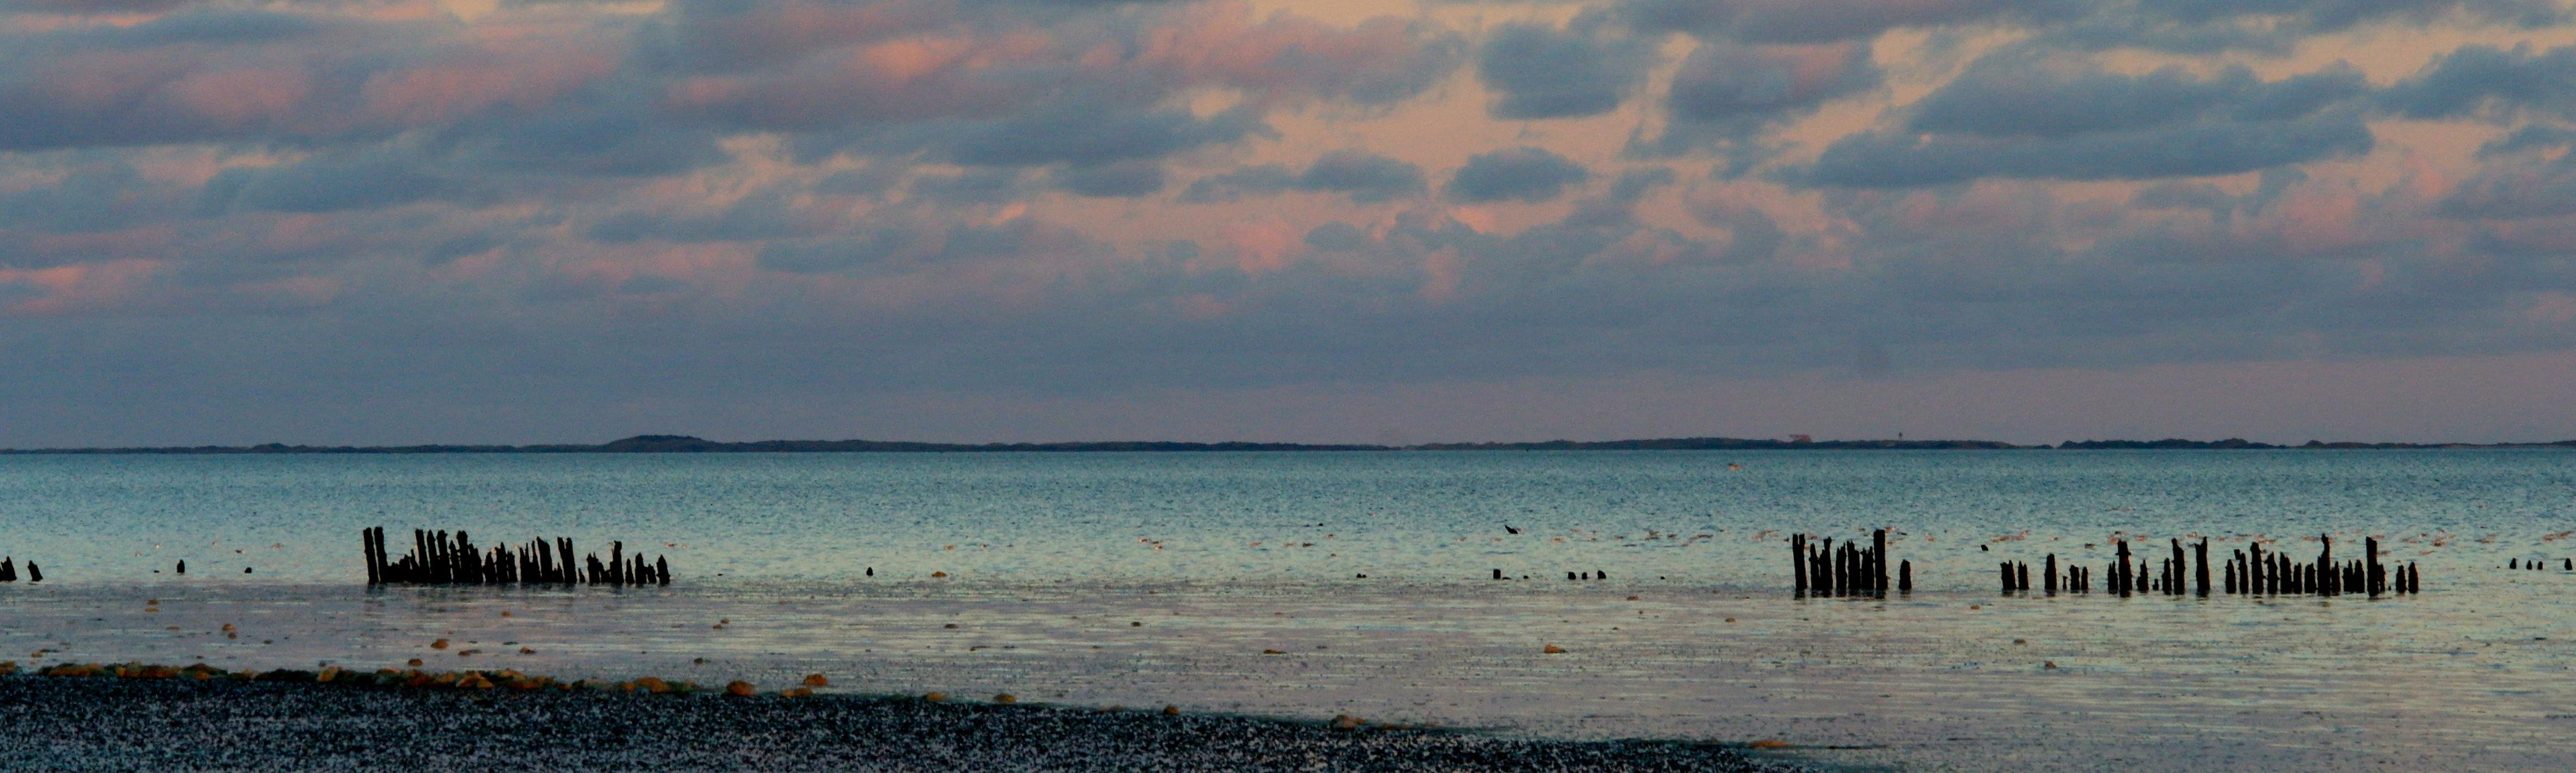 Laagwater Lauwersoog -meer de Wadden